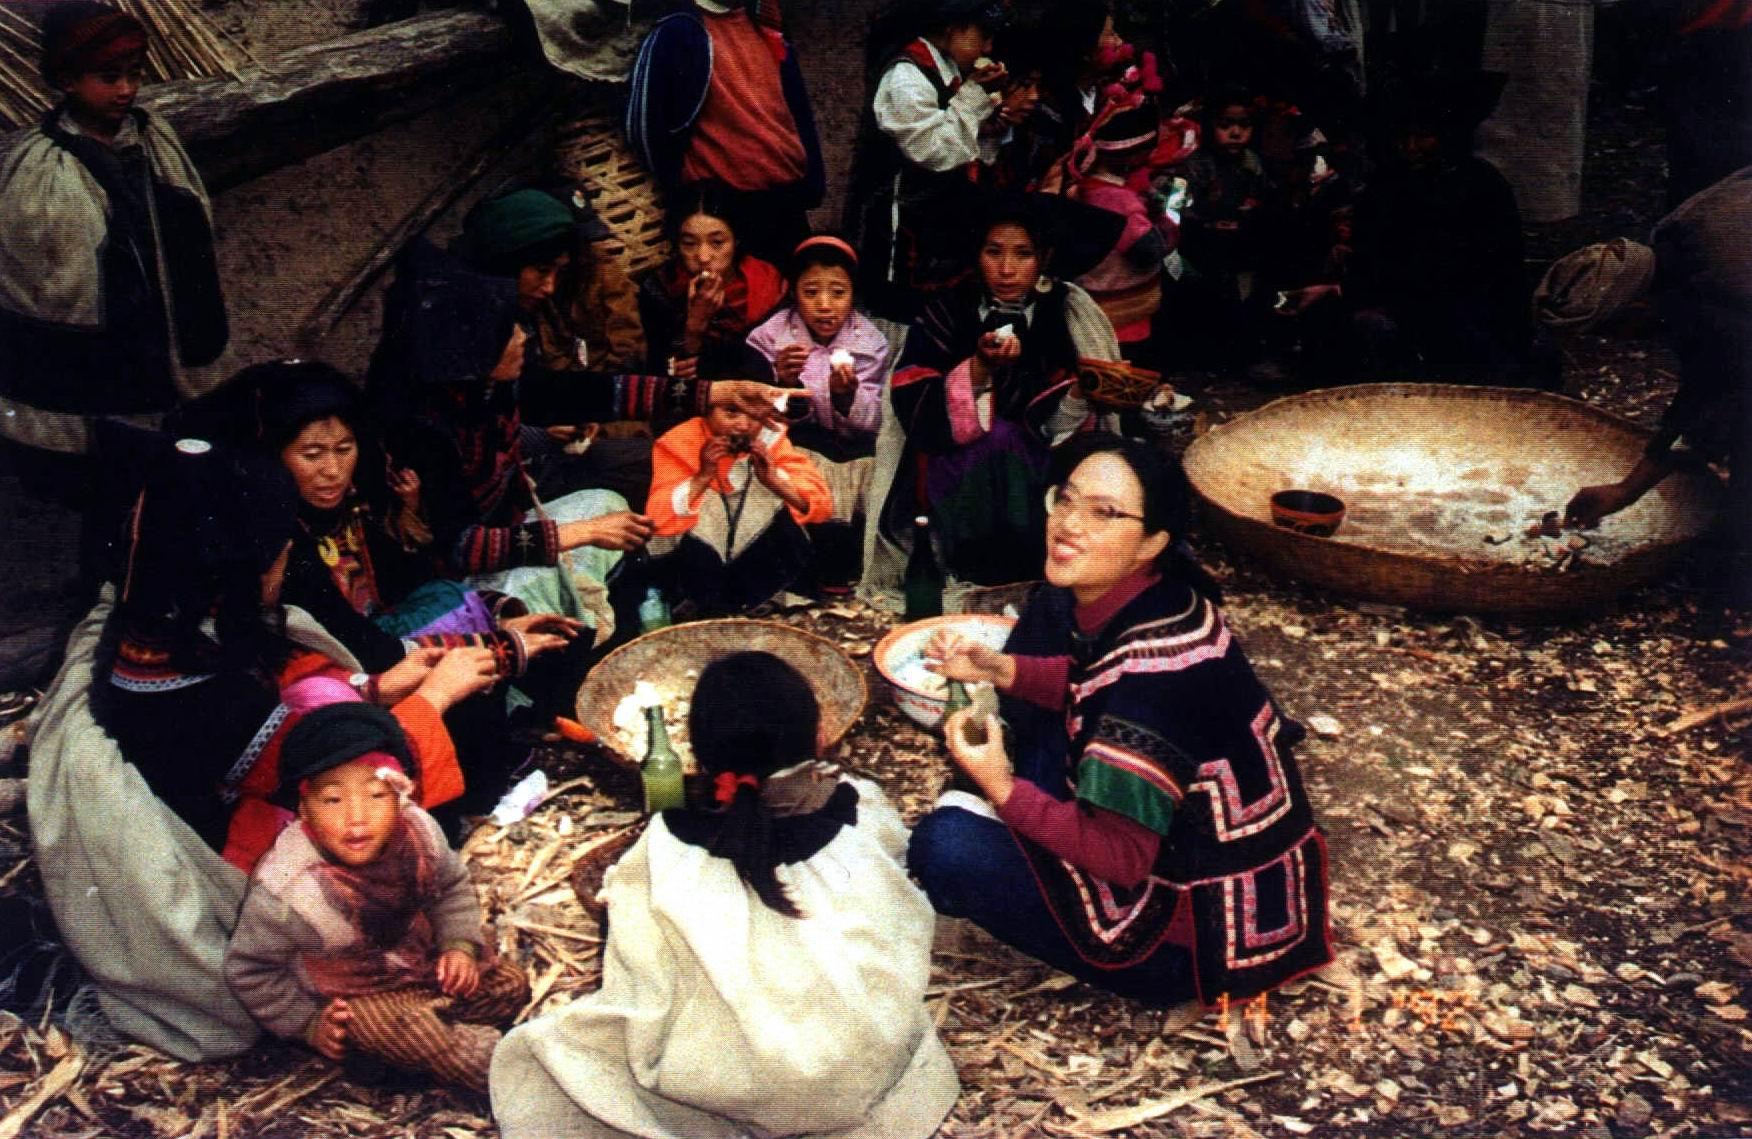 翁西拉古格:阿依与孩子们一同过新年